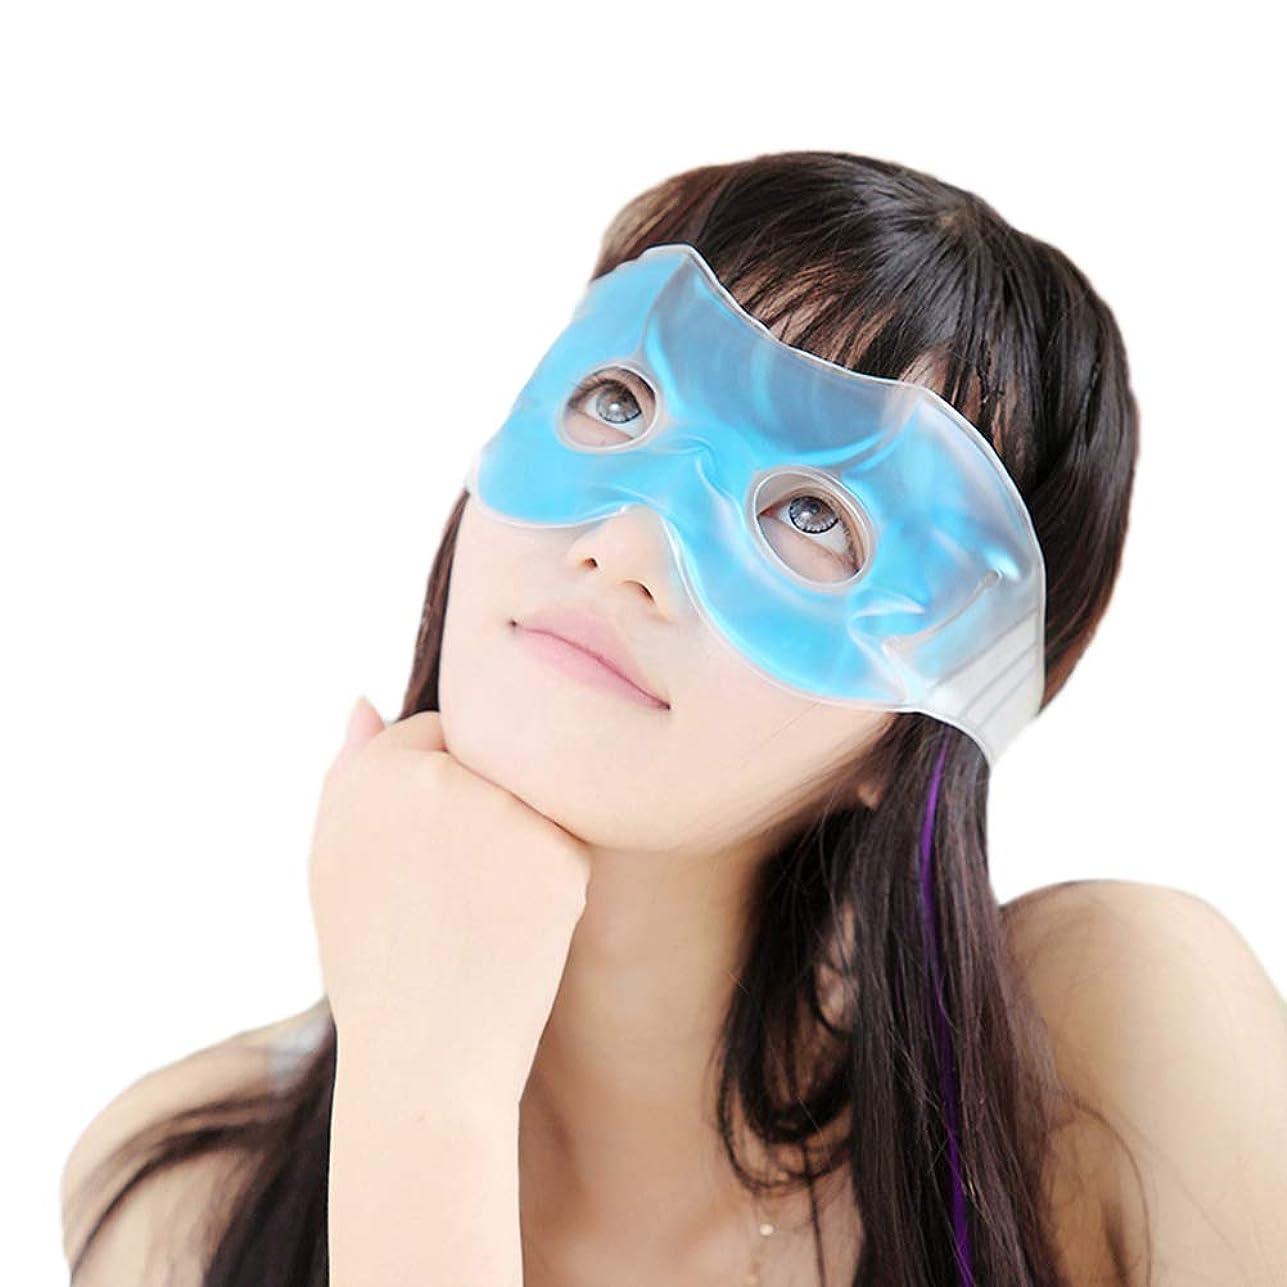 ダイアクリティカル重くする僕のHeallilyアイスアイマスク睡眠アイスパッチ冷却リラックスブラインド快適なパッチ用アイパフネスダークサークル